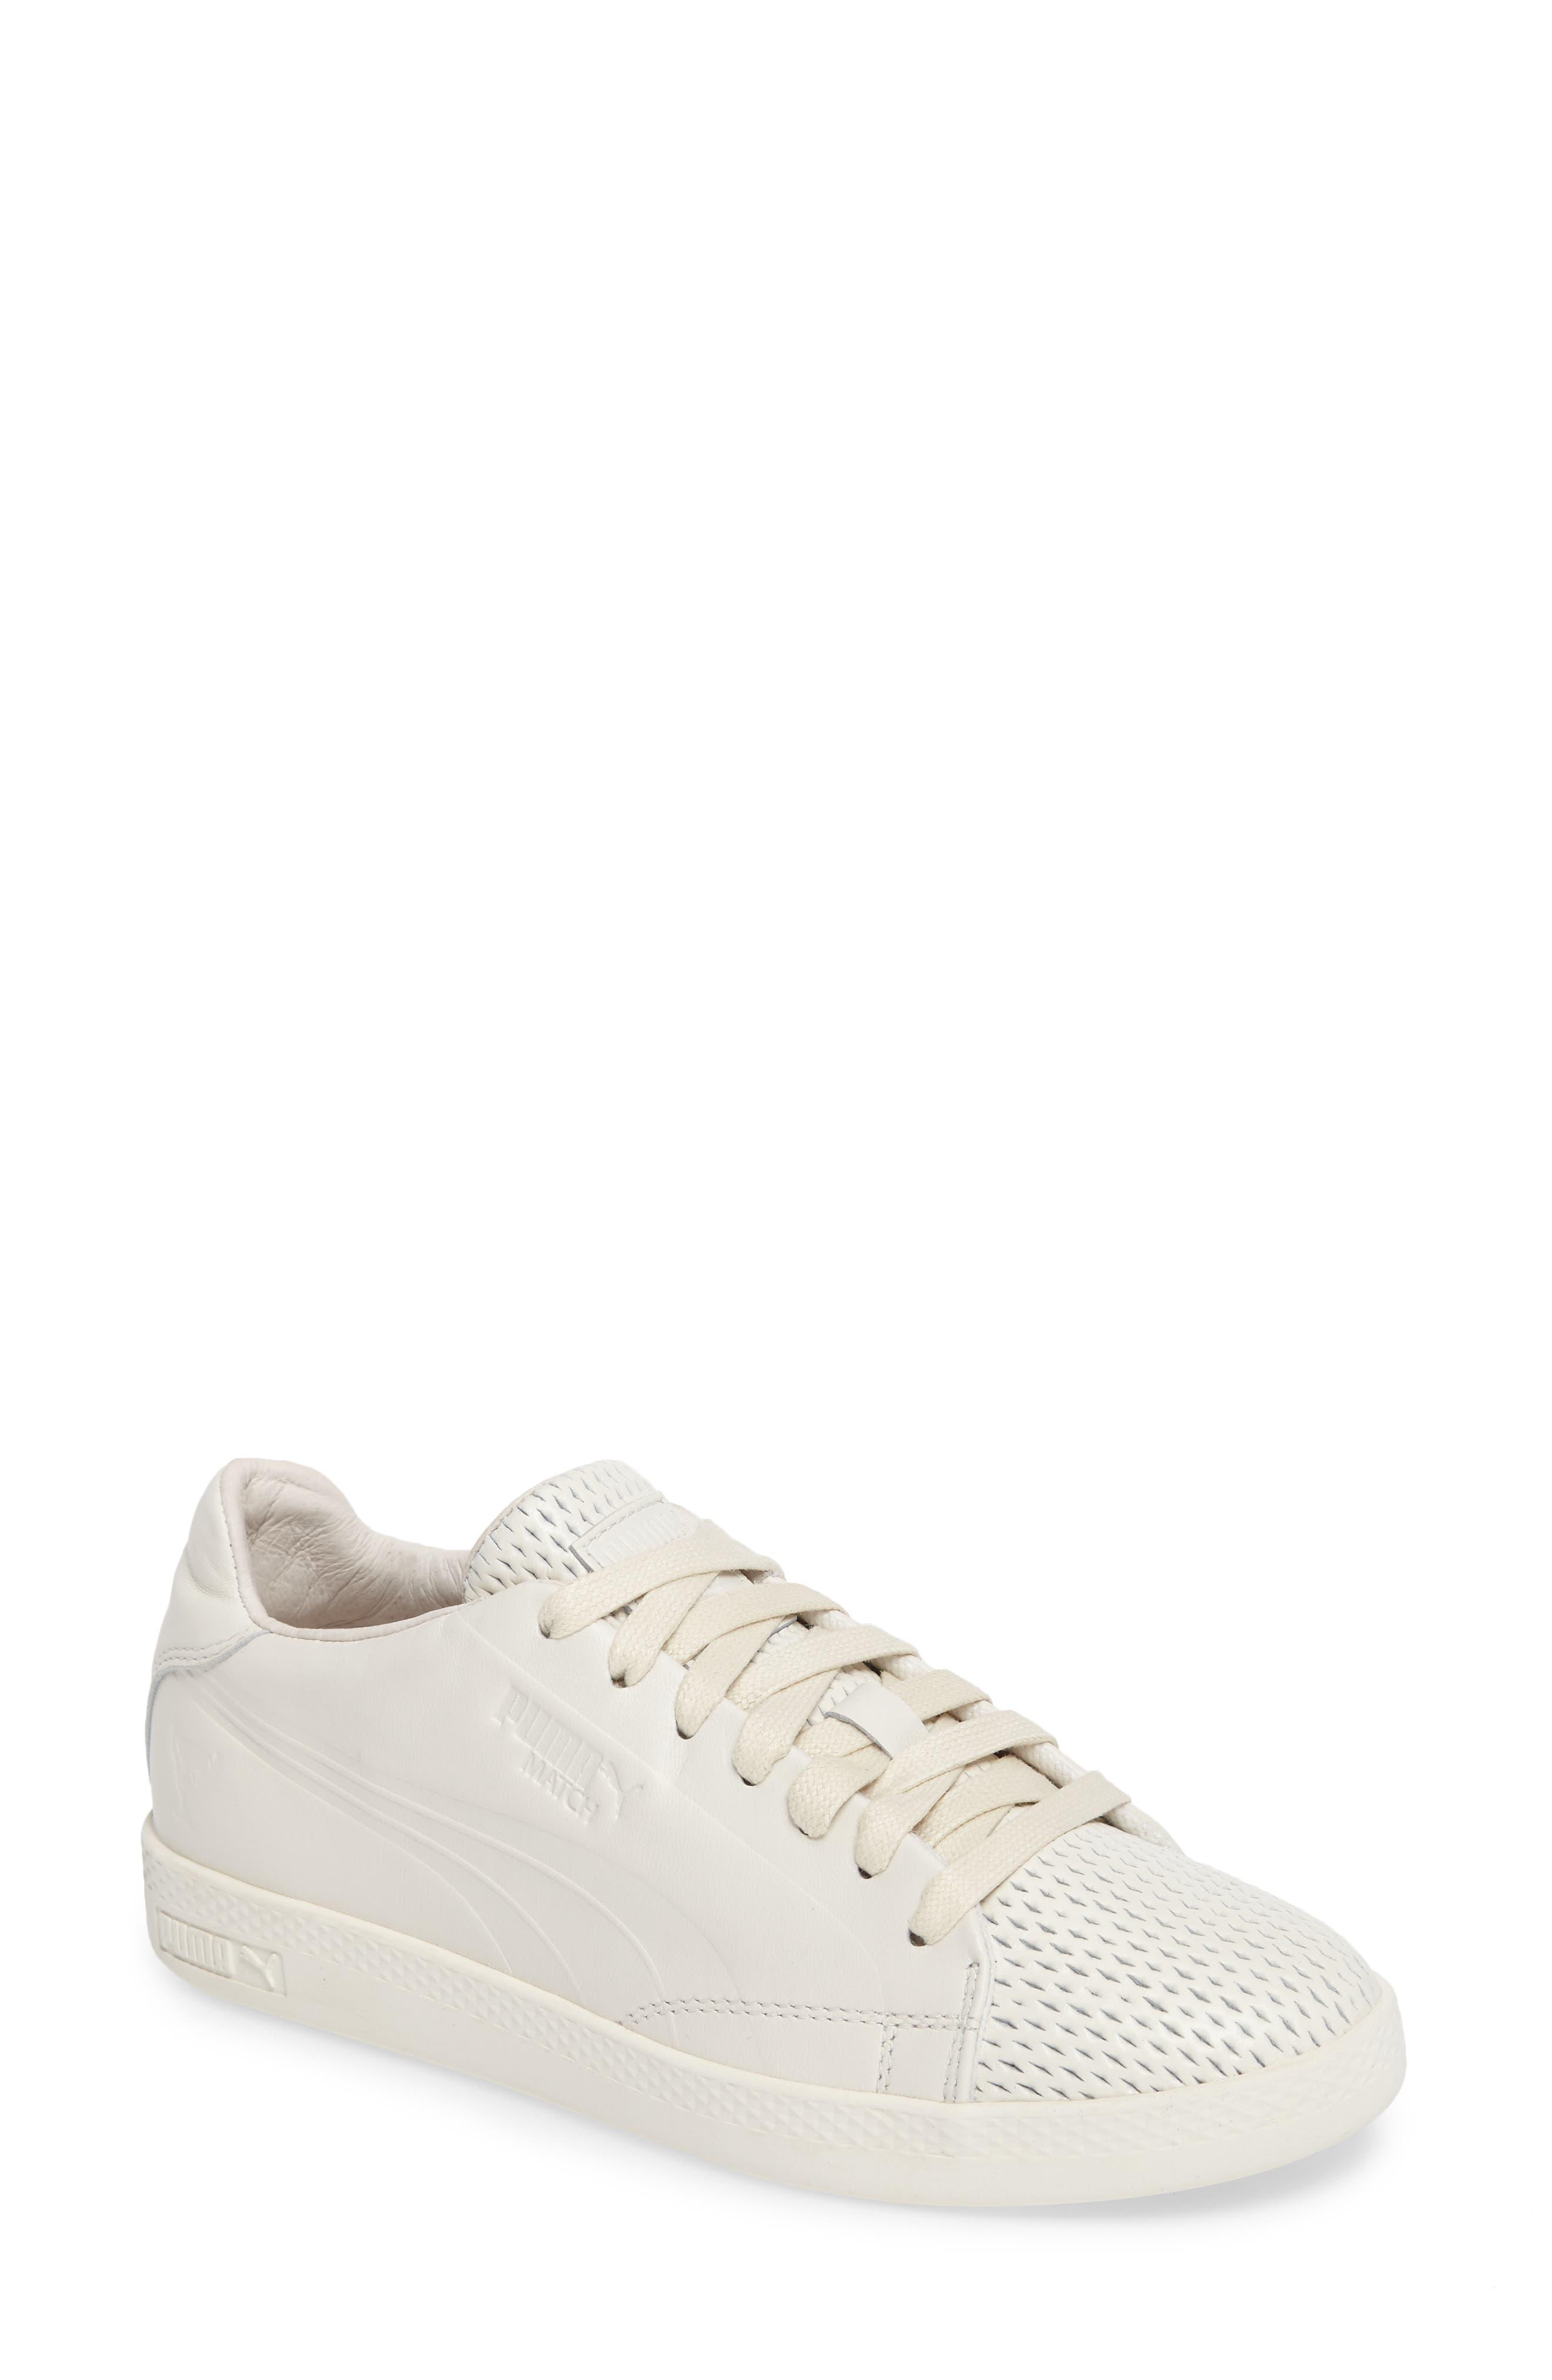 Match Lo Open Sneaker,                             Main thumbnail 1, color,                             Whisper White/ Whisper White